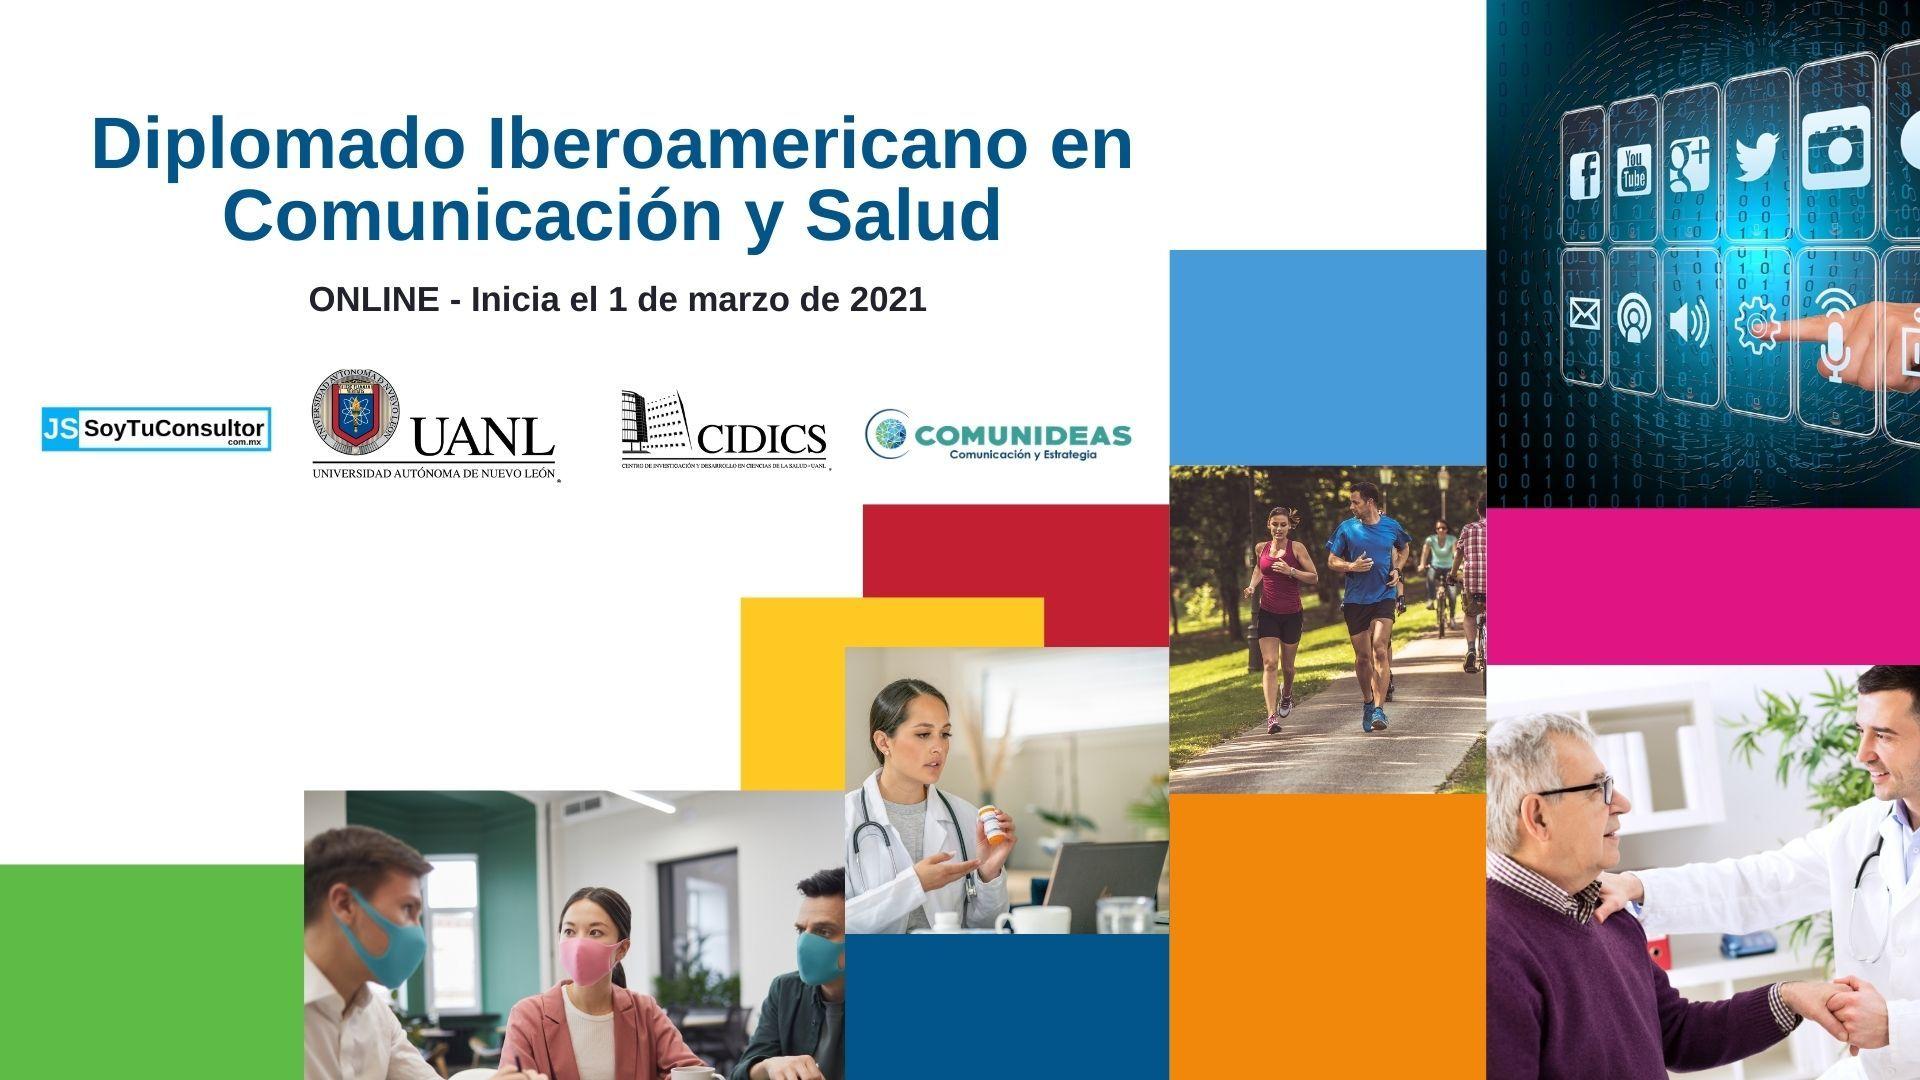 Diplomado Iberoamericano en Comunicación y Salud